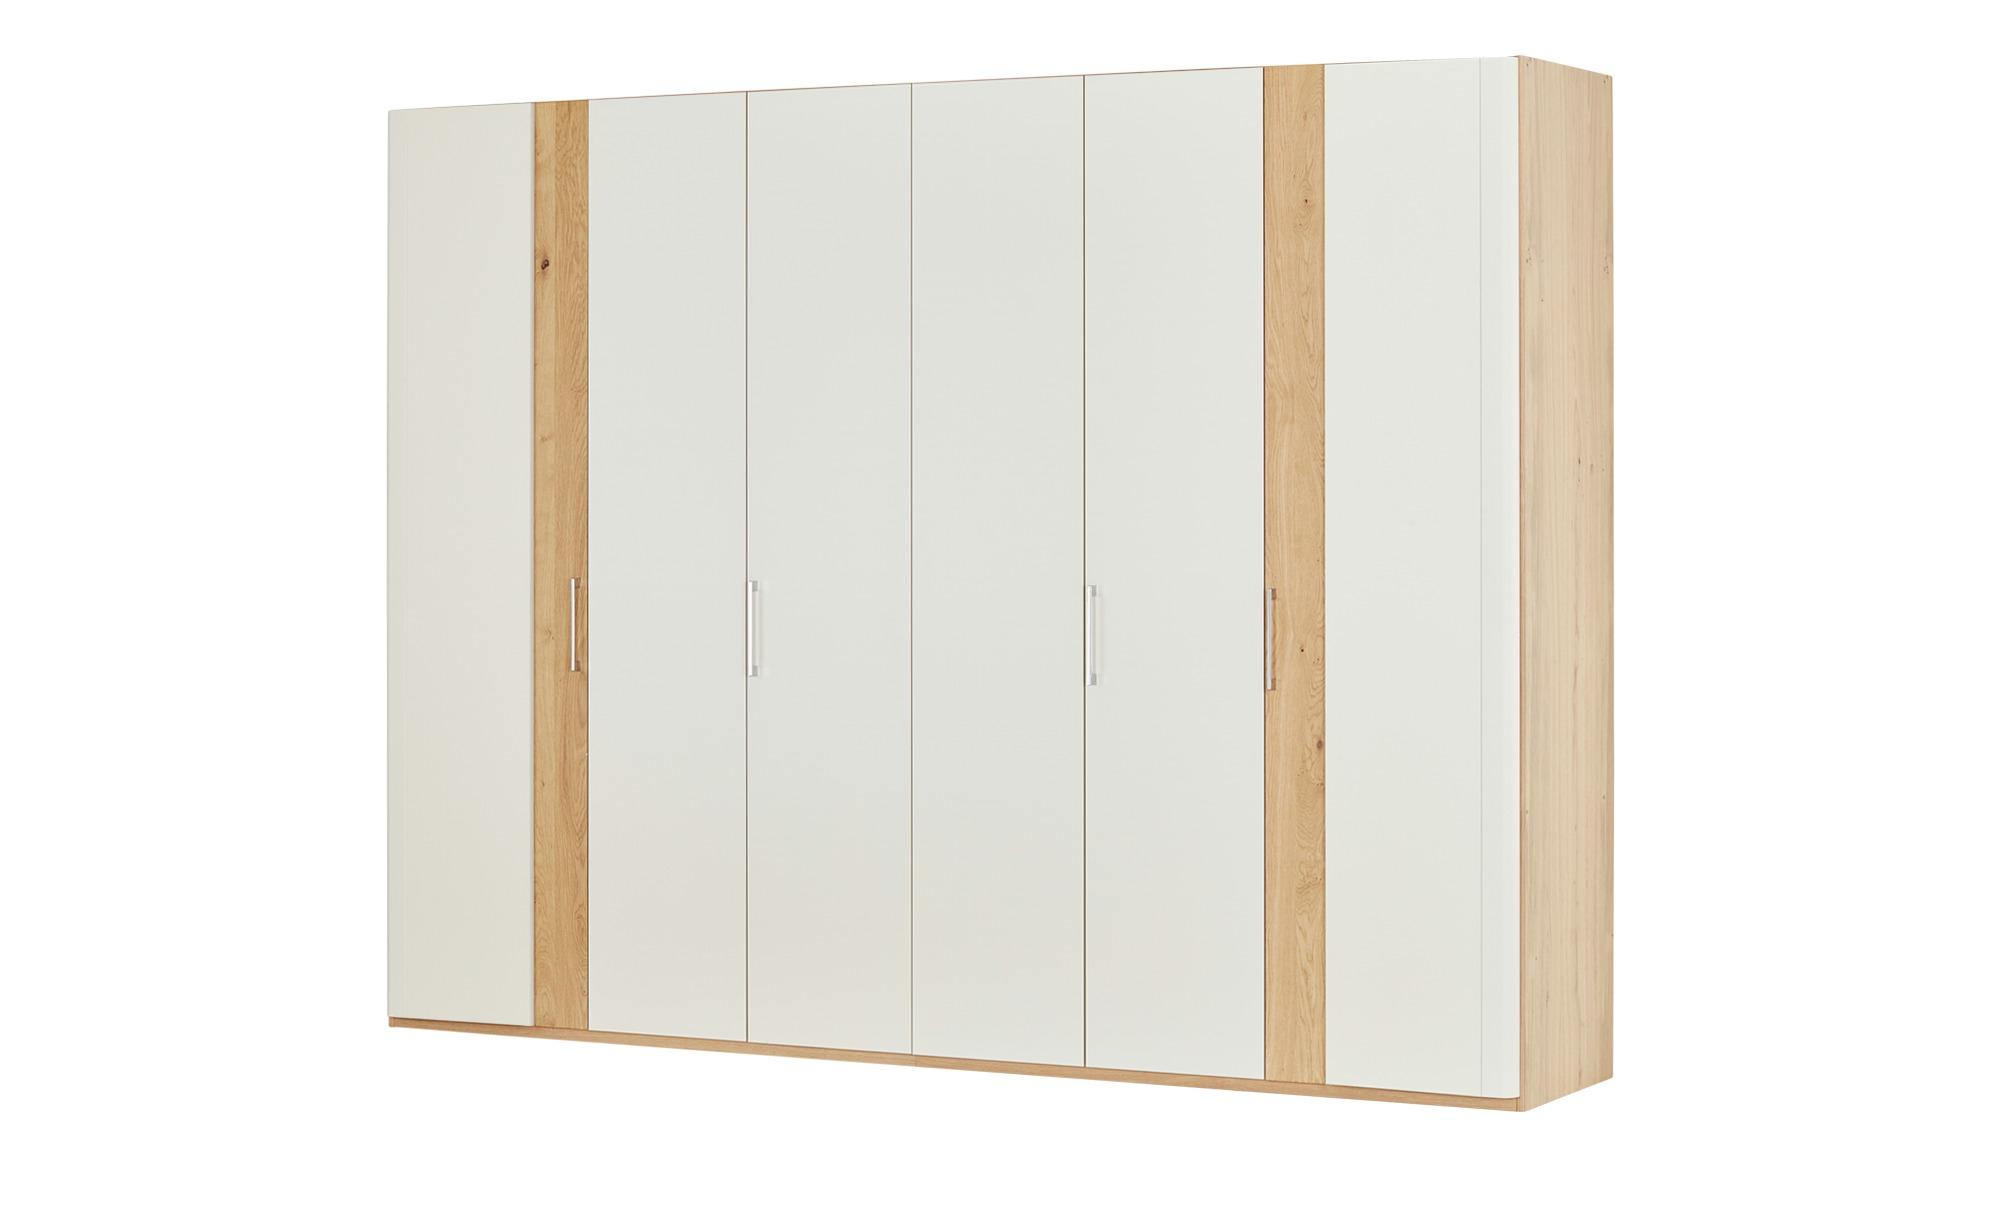 Wohnwert Drehturenschrank Kirando Holzfarben Masse Cm B 300 H